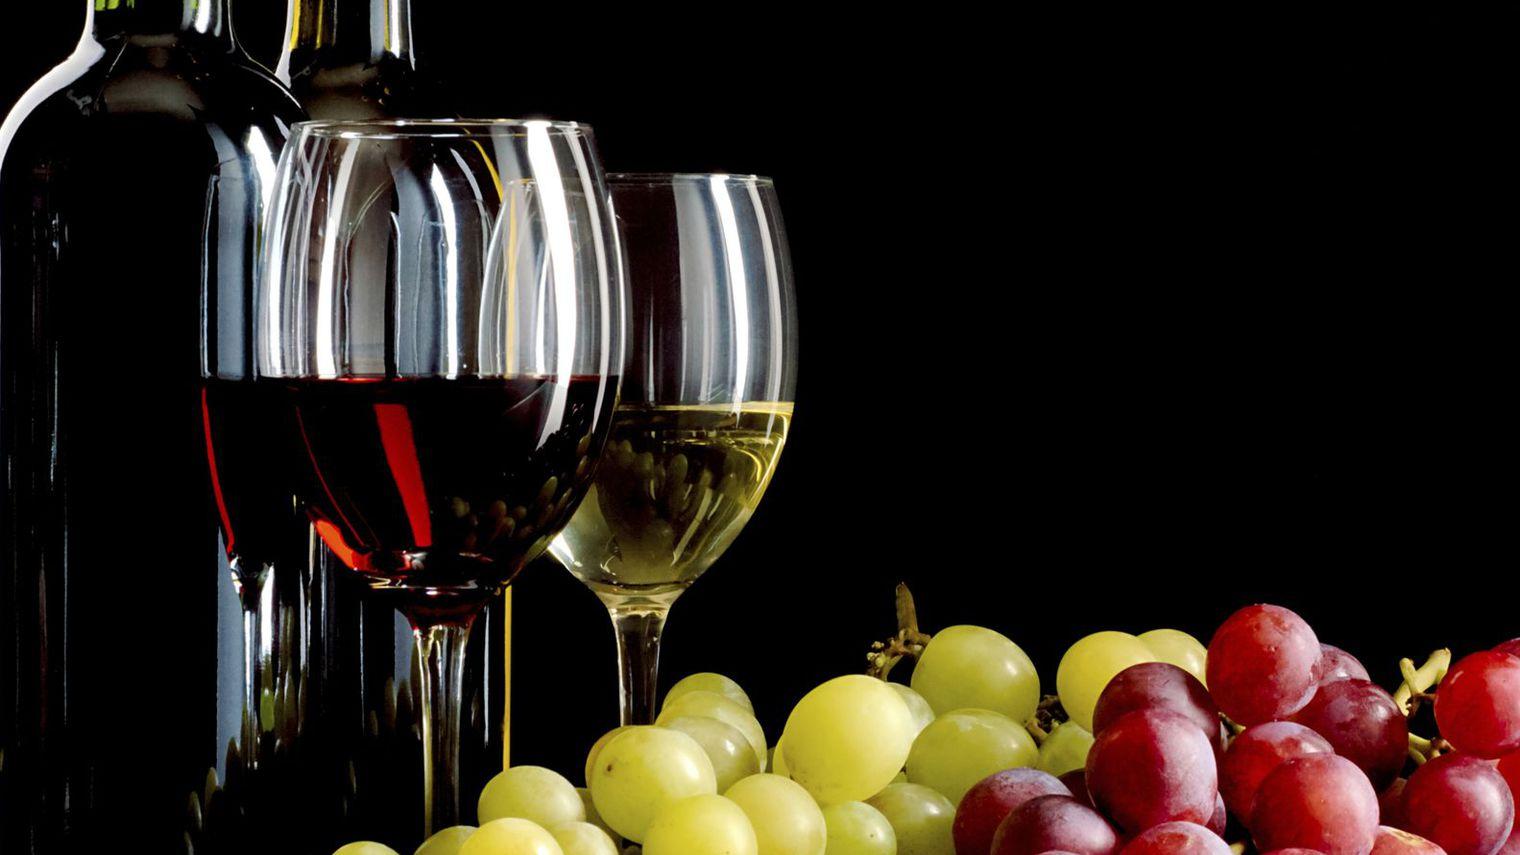 Achat vin : les conseils à tenir compte pour choisir son vin